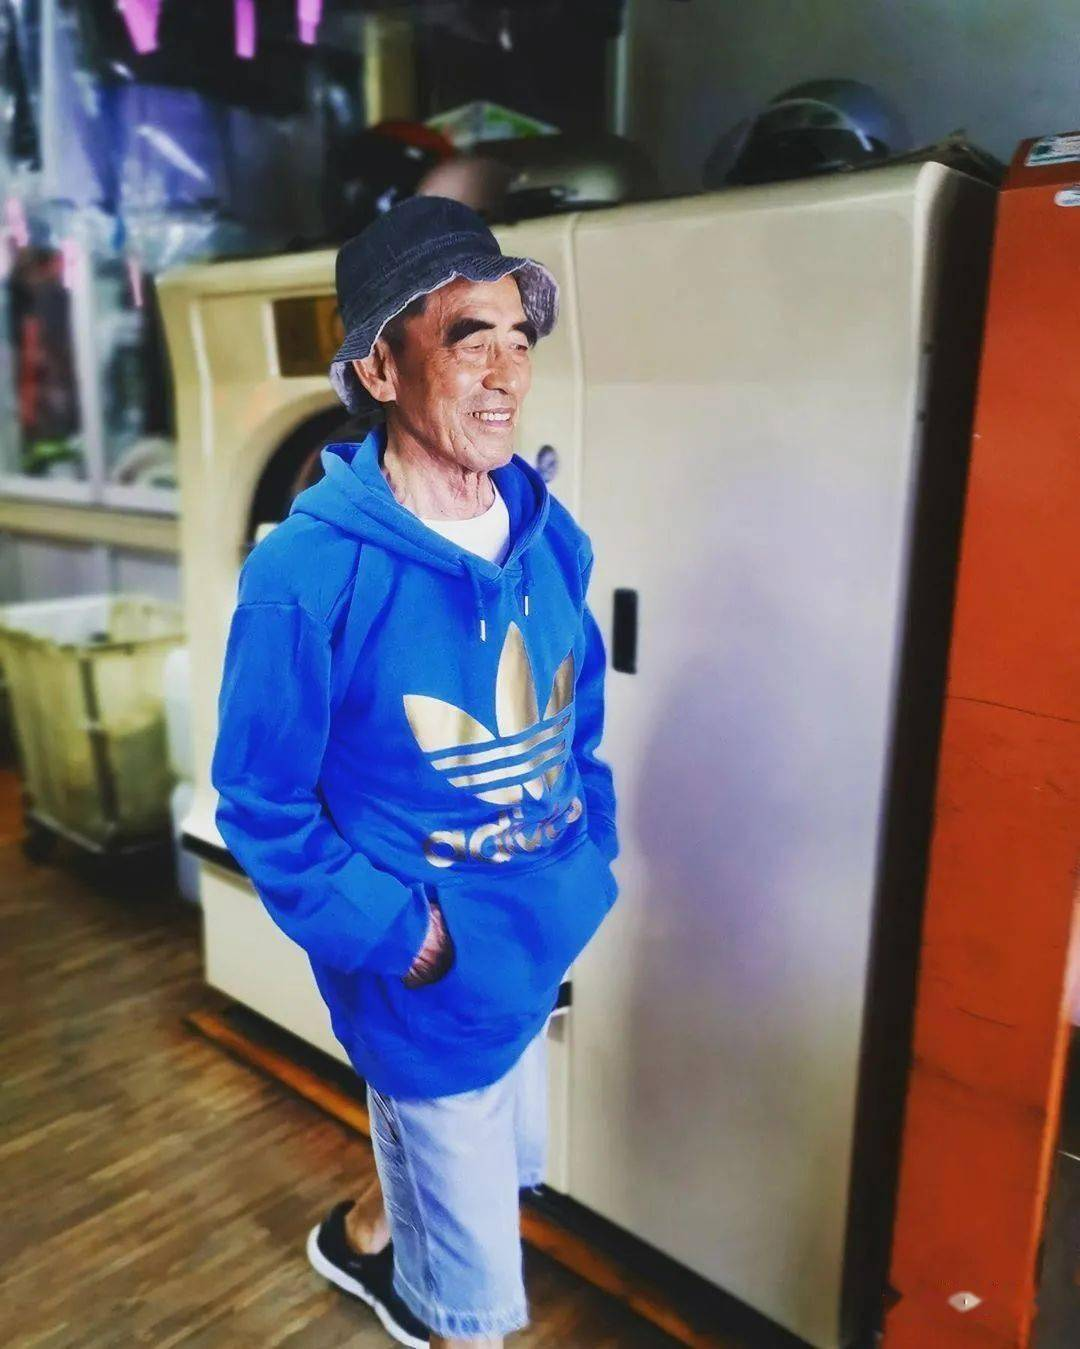 中国84岁老夫妻惊艳外媒!捡别人不要的衣服,竟搭出时尚大片